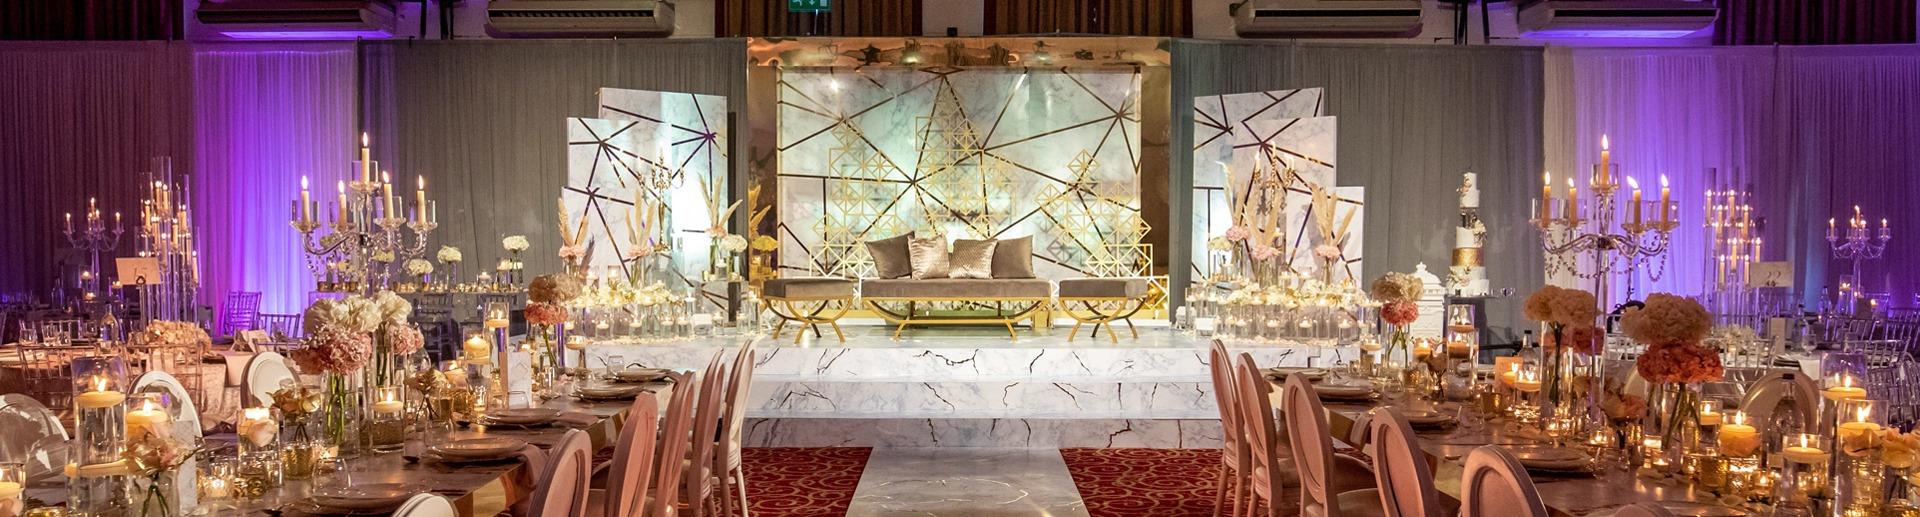 Cedar Court Hotels Bradford Wedding venue